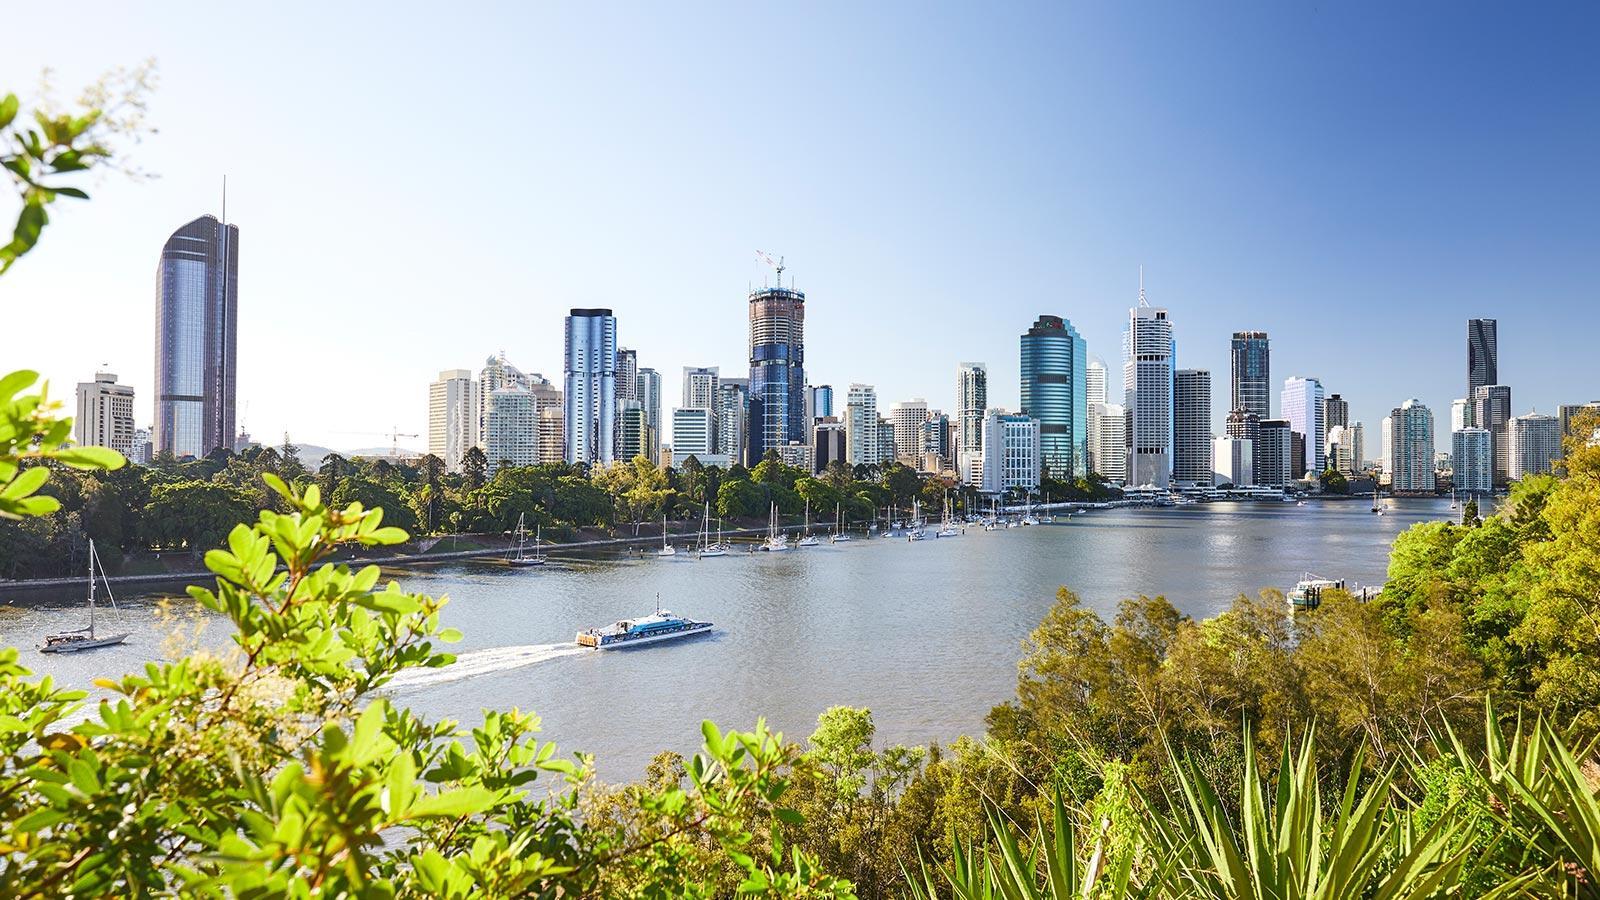 集中精力应对疫情 澳大利亚暂缓申办2032年奥运会